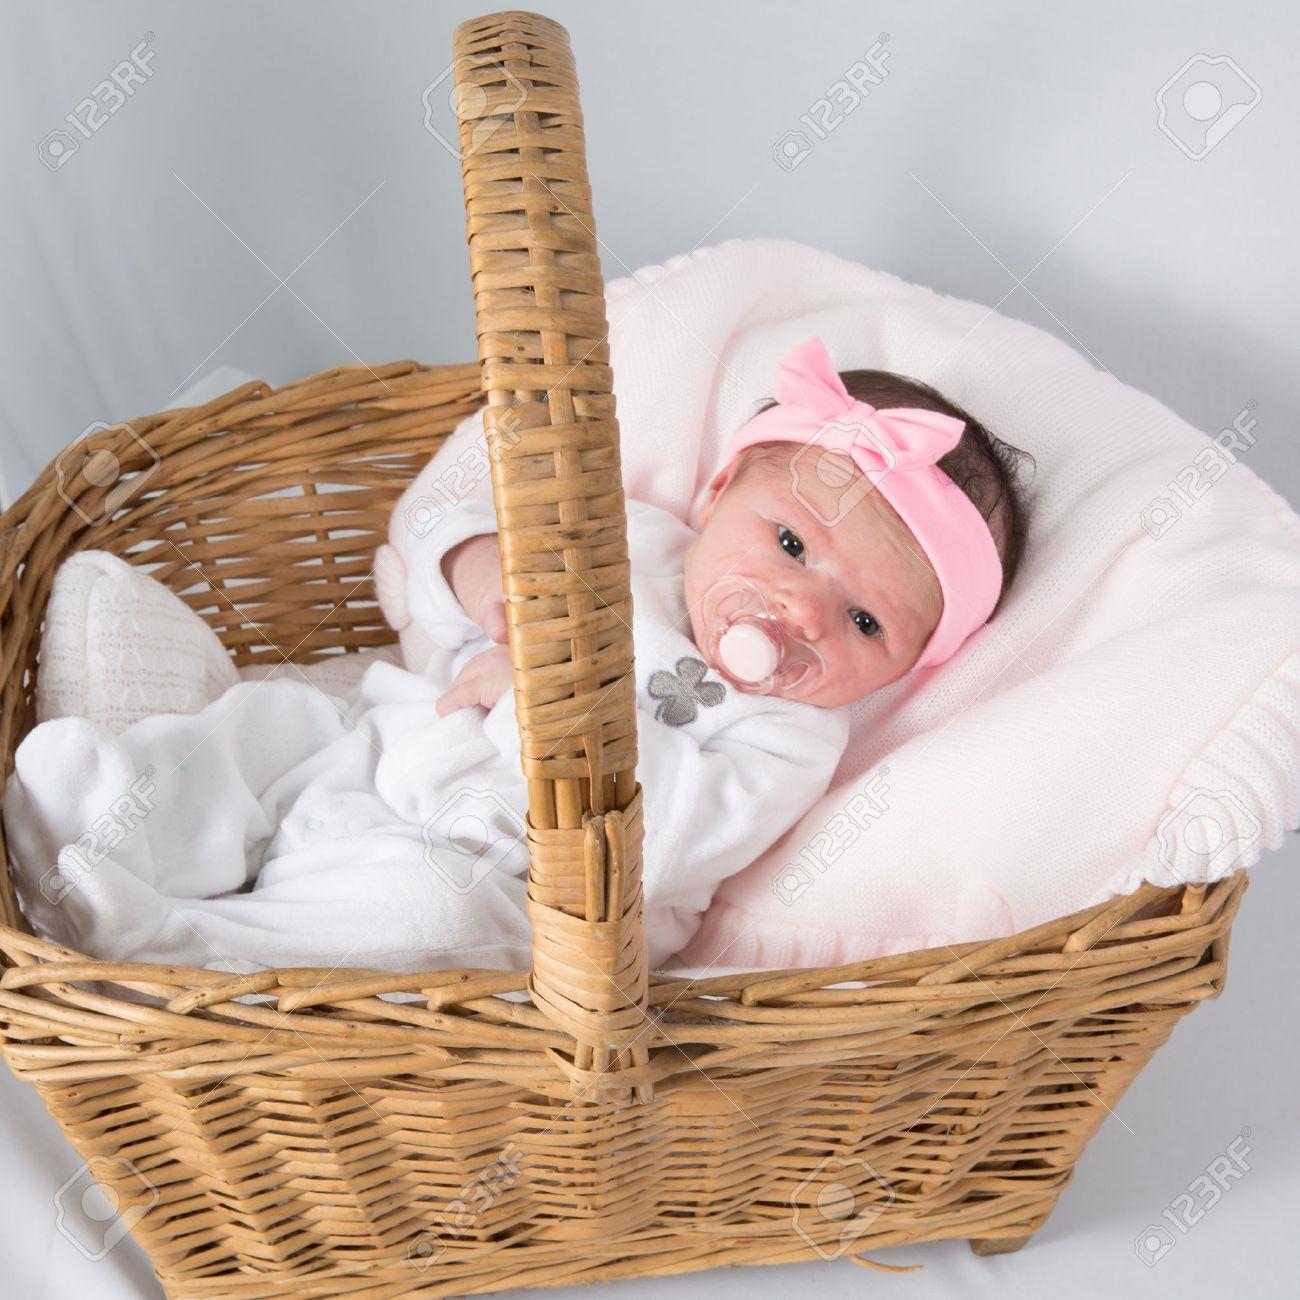 Canasta De Recien Nacido.Retrato Del Pequeno Bebe Recien Nacido Acostado En La Canasta